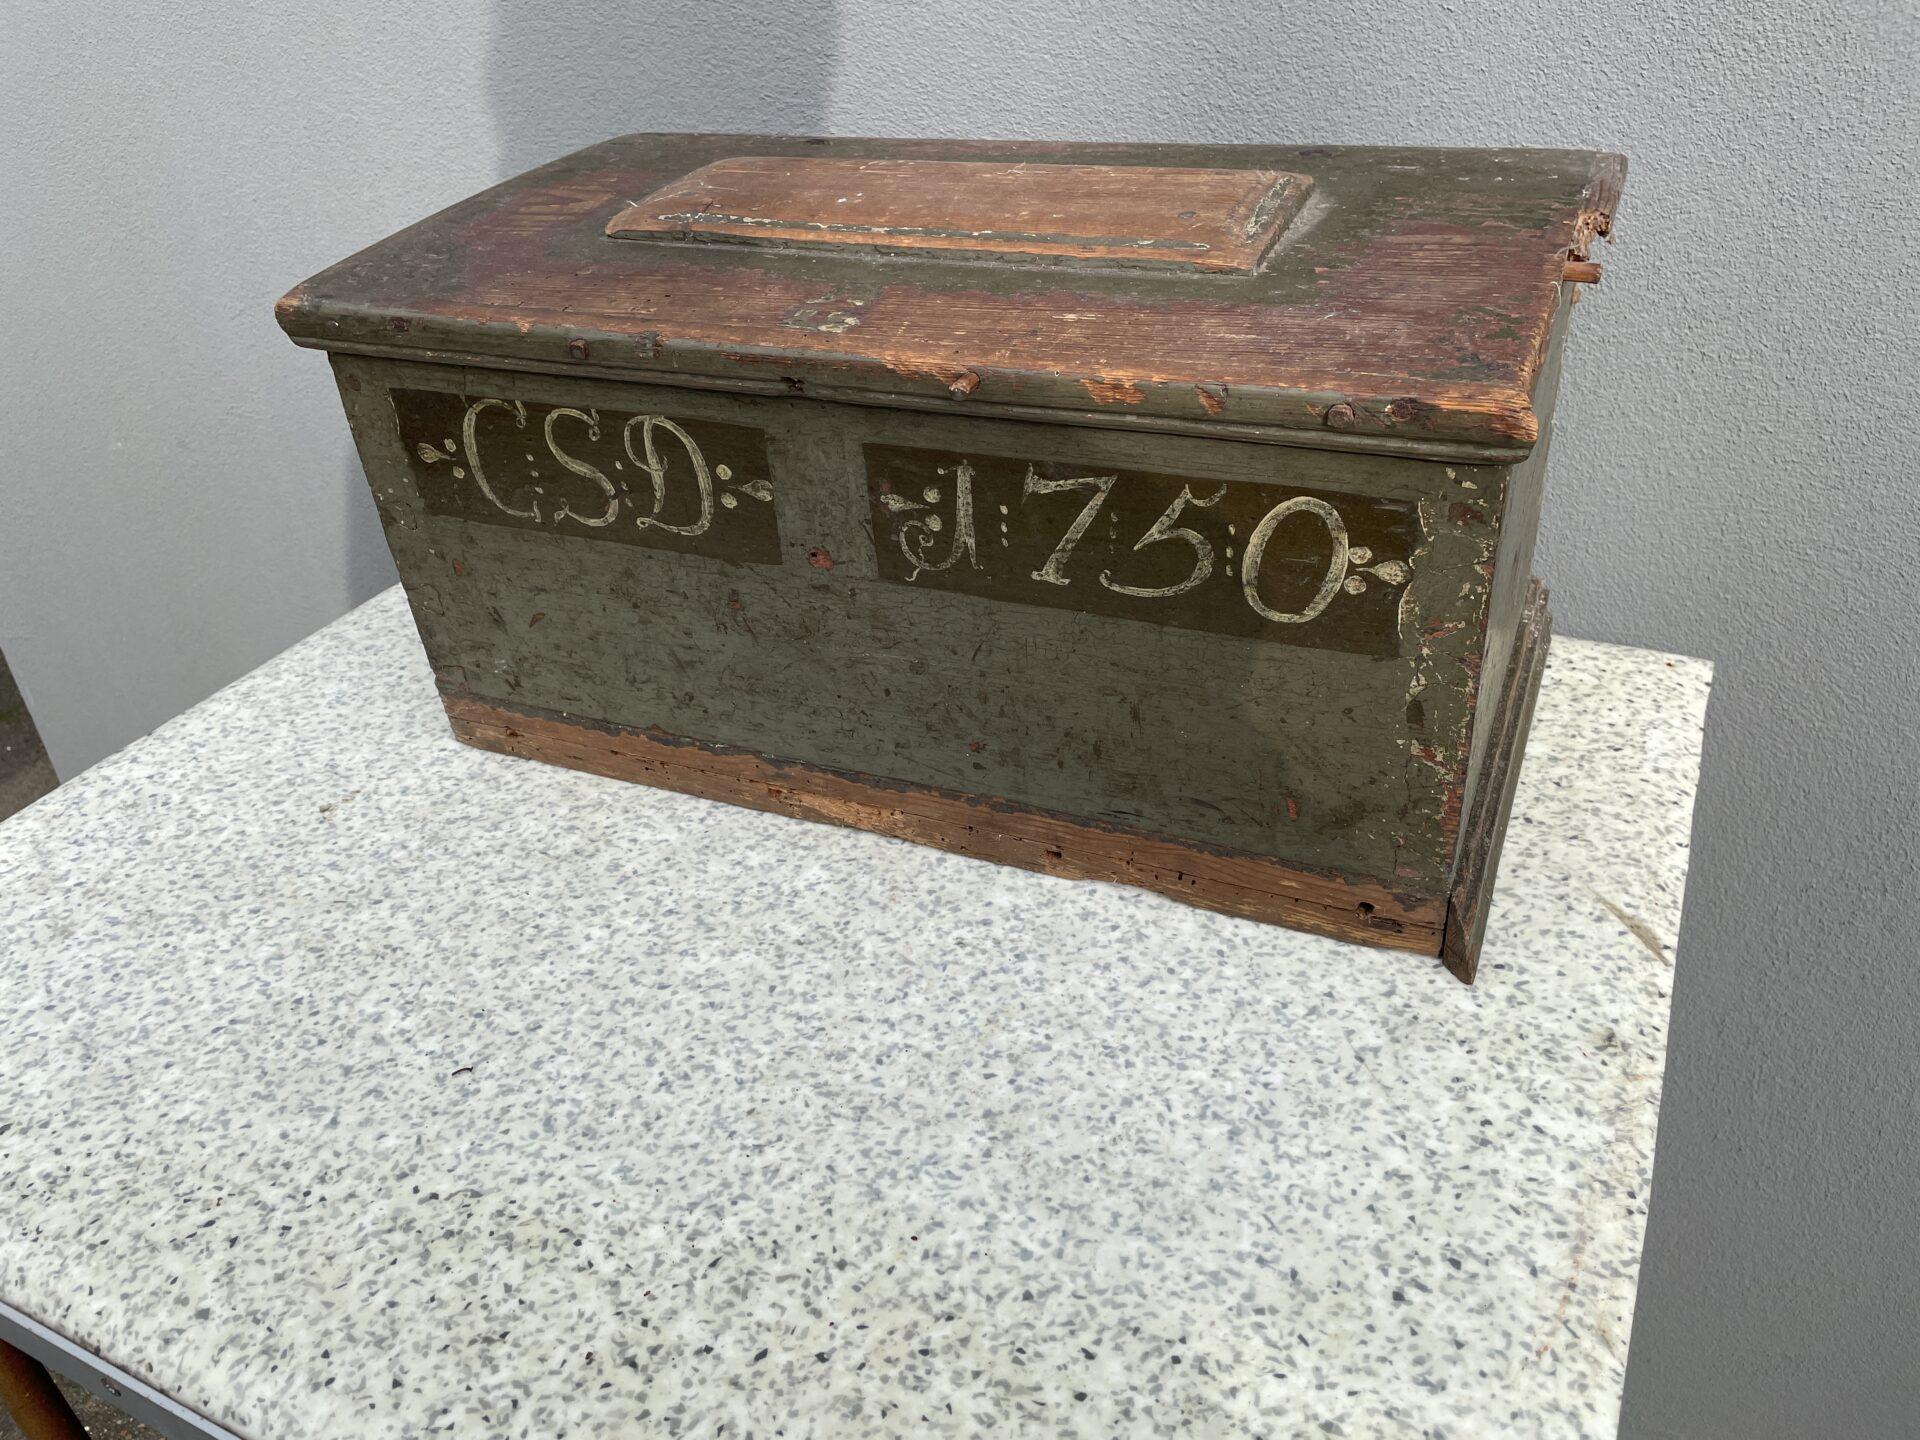 Lille kiste / skrin, original maling Anno 1750, fyrretræ, b=47 cm,h= 24 cm, d=26 cm. Pris 500kr